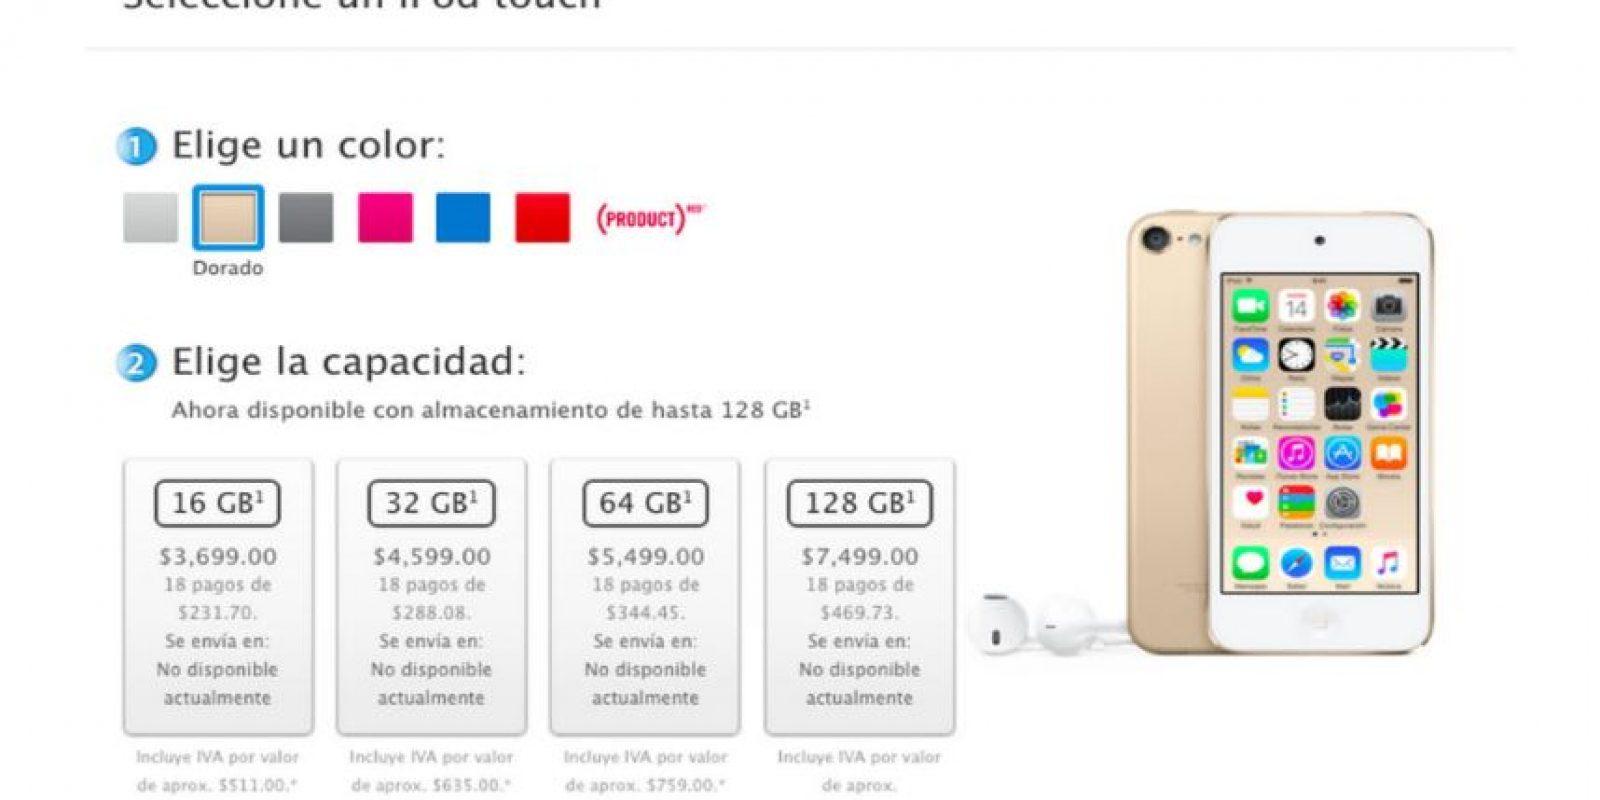 Rosa, dorado, azul rey y gris son los nuevos colores para el iPod Touch Foto:Apple